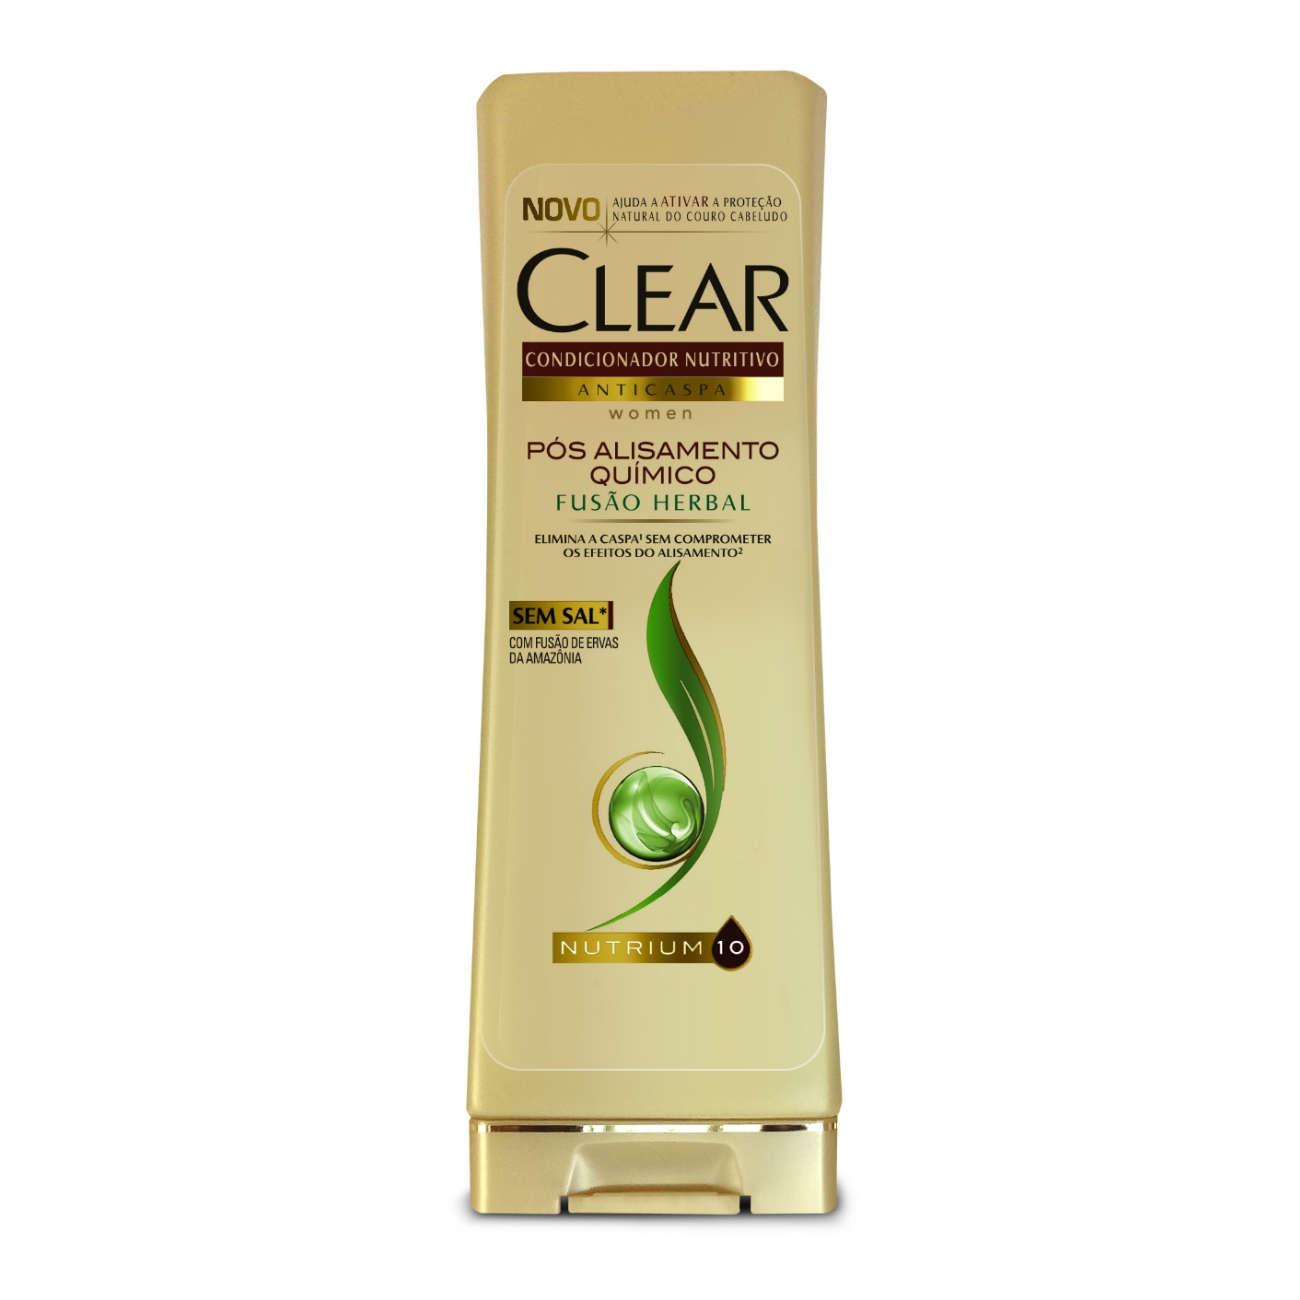 Condicionador Anticaspa CLEAR Women Fusão Herbal Pós Alisamento Químico 200ml